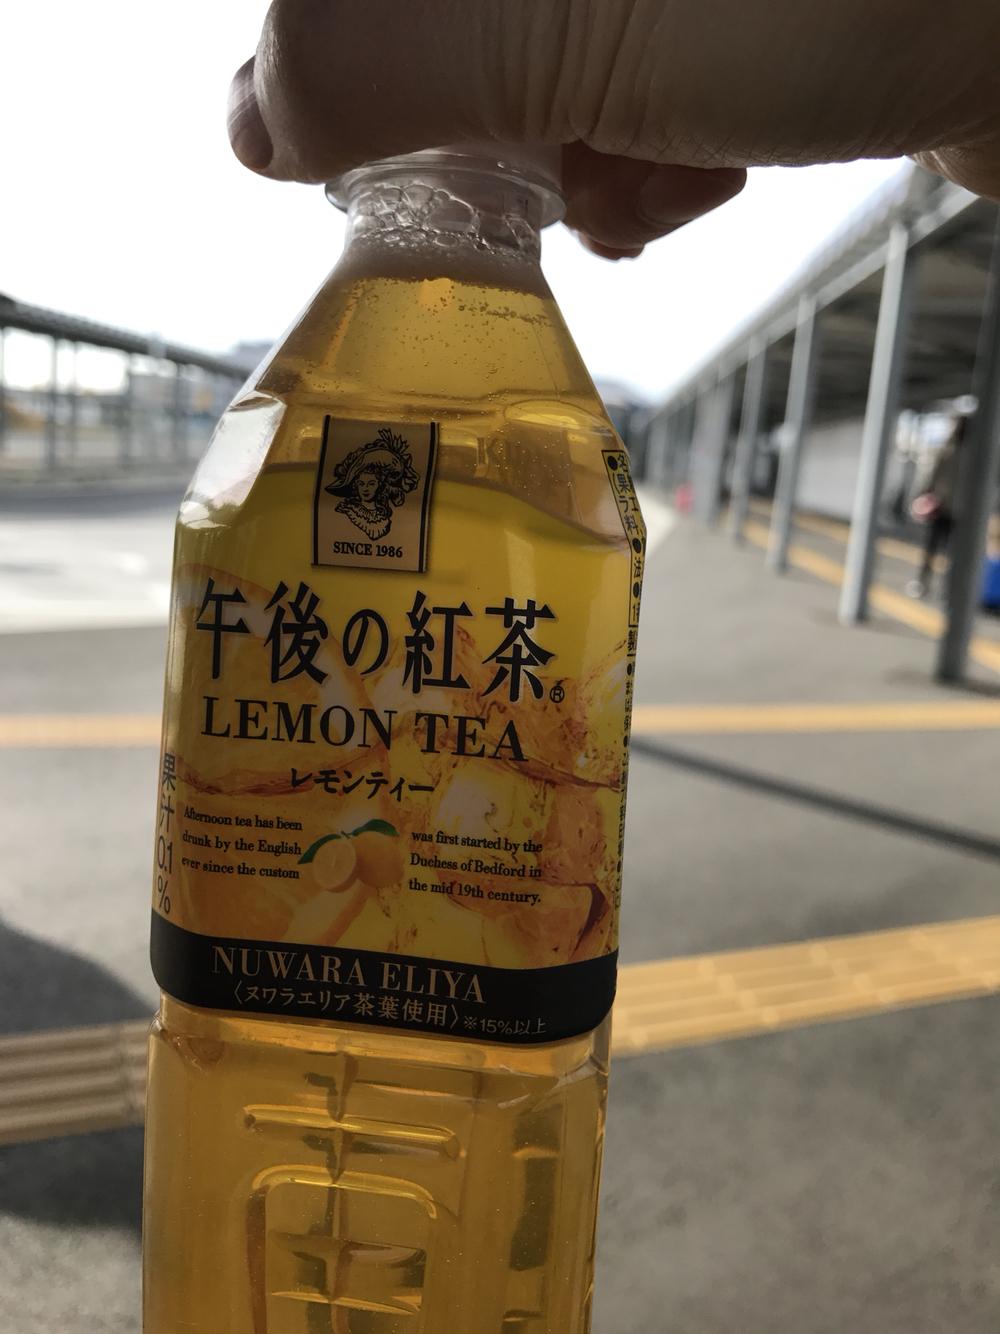 다시 또 도쿄